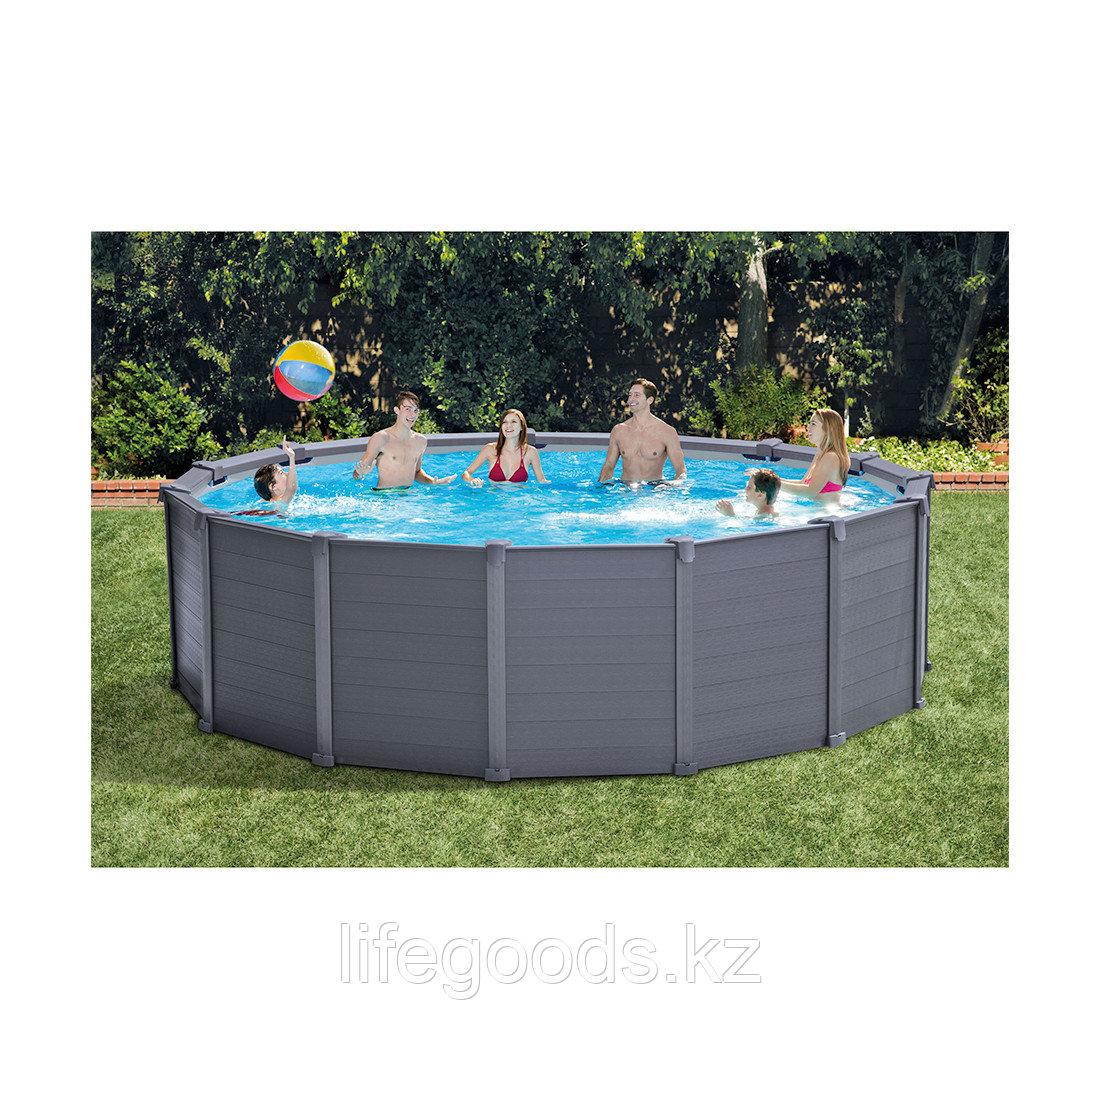 Каркасный бассейн Graphite Gray Panel 478х124 см Intex 26384NP